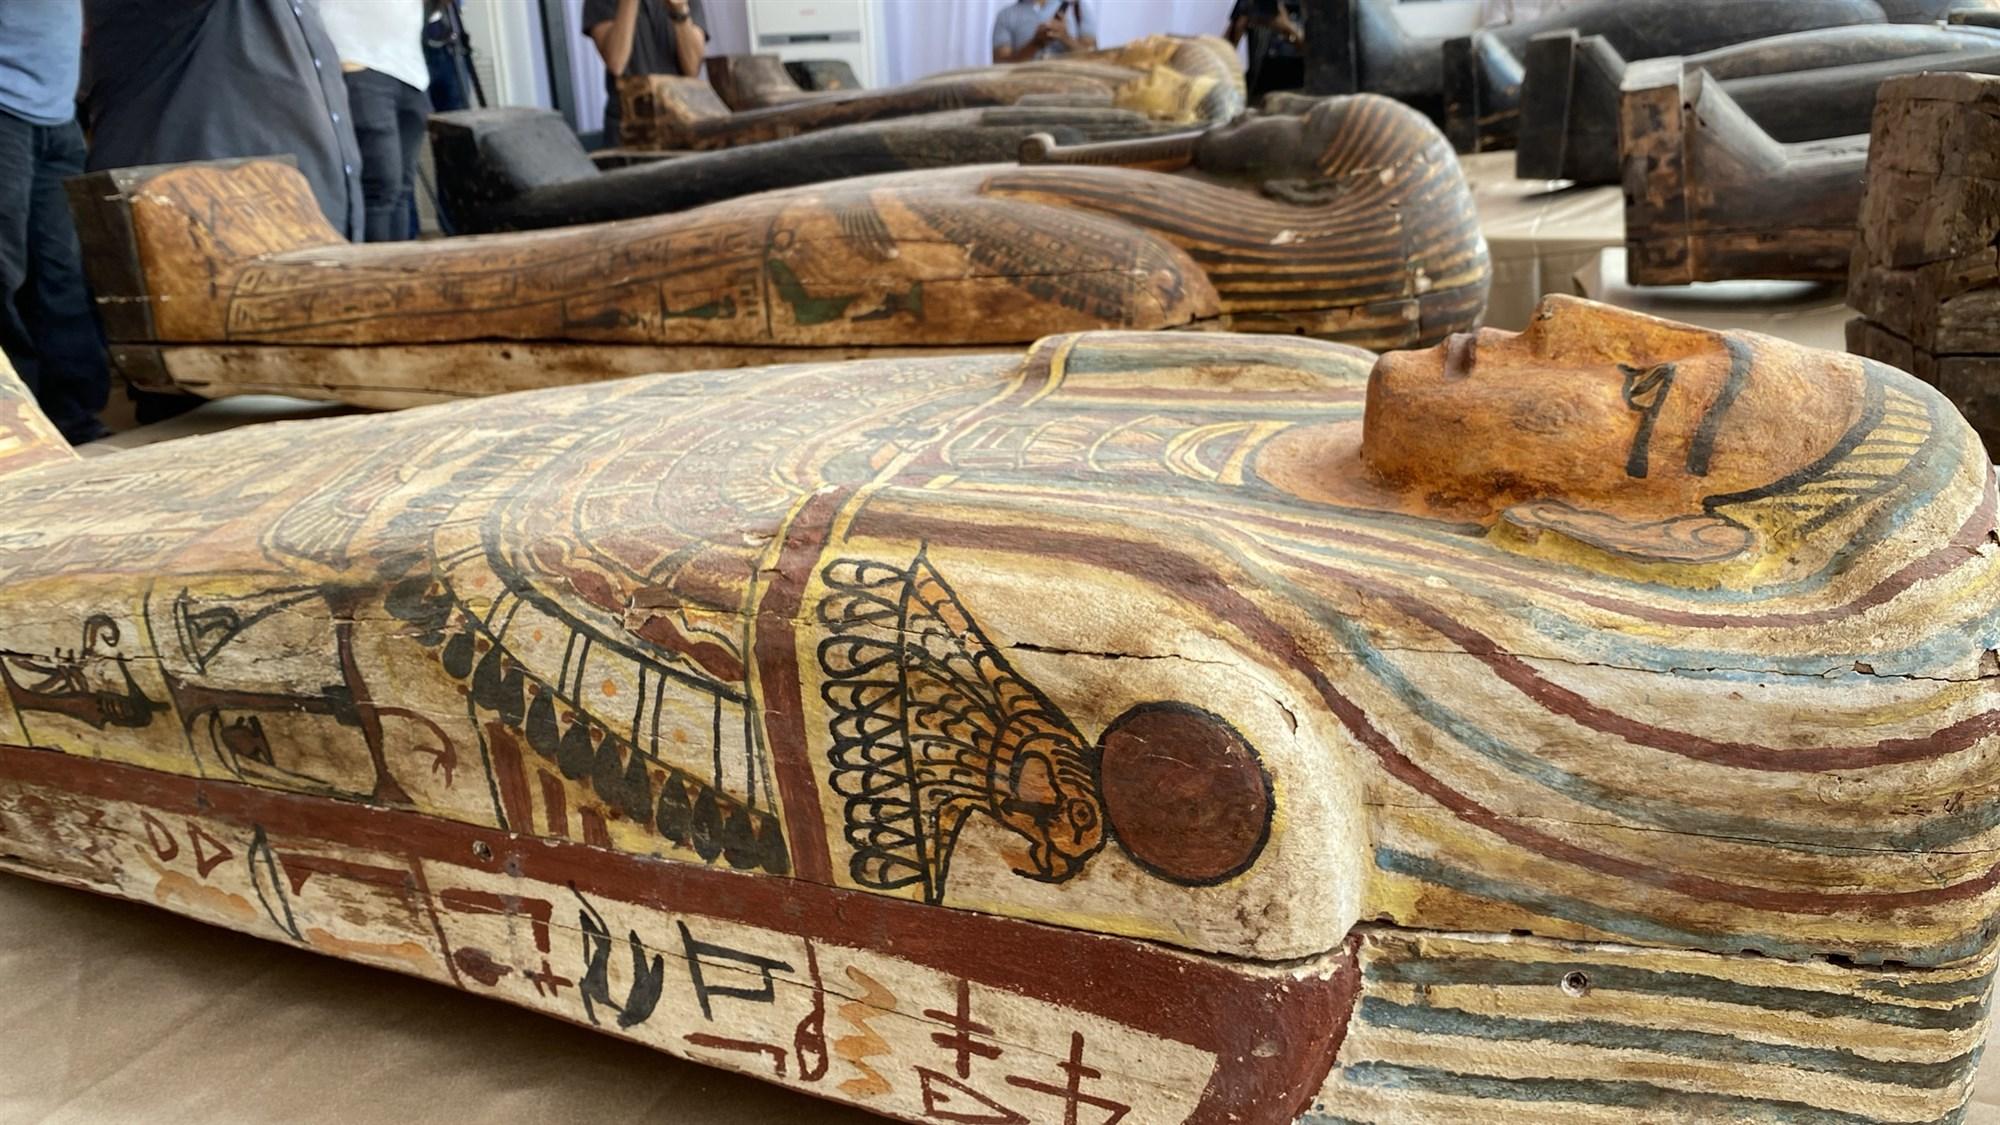 Meraviglie egiziane. Ritrovati a Saqqara 59 sarcofagi policromi IMMAGINI E VIDEO